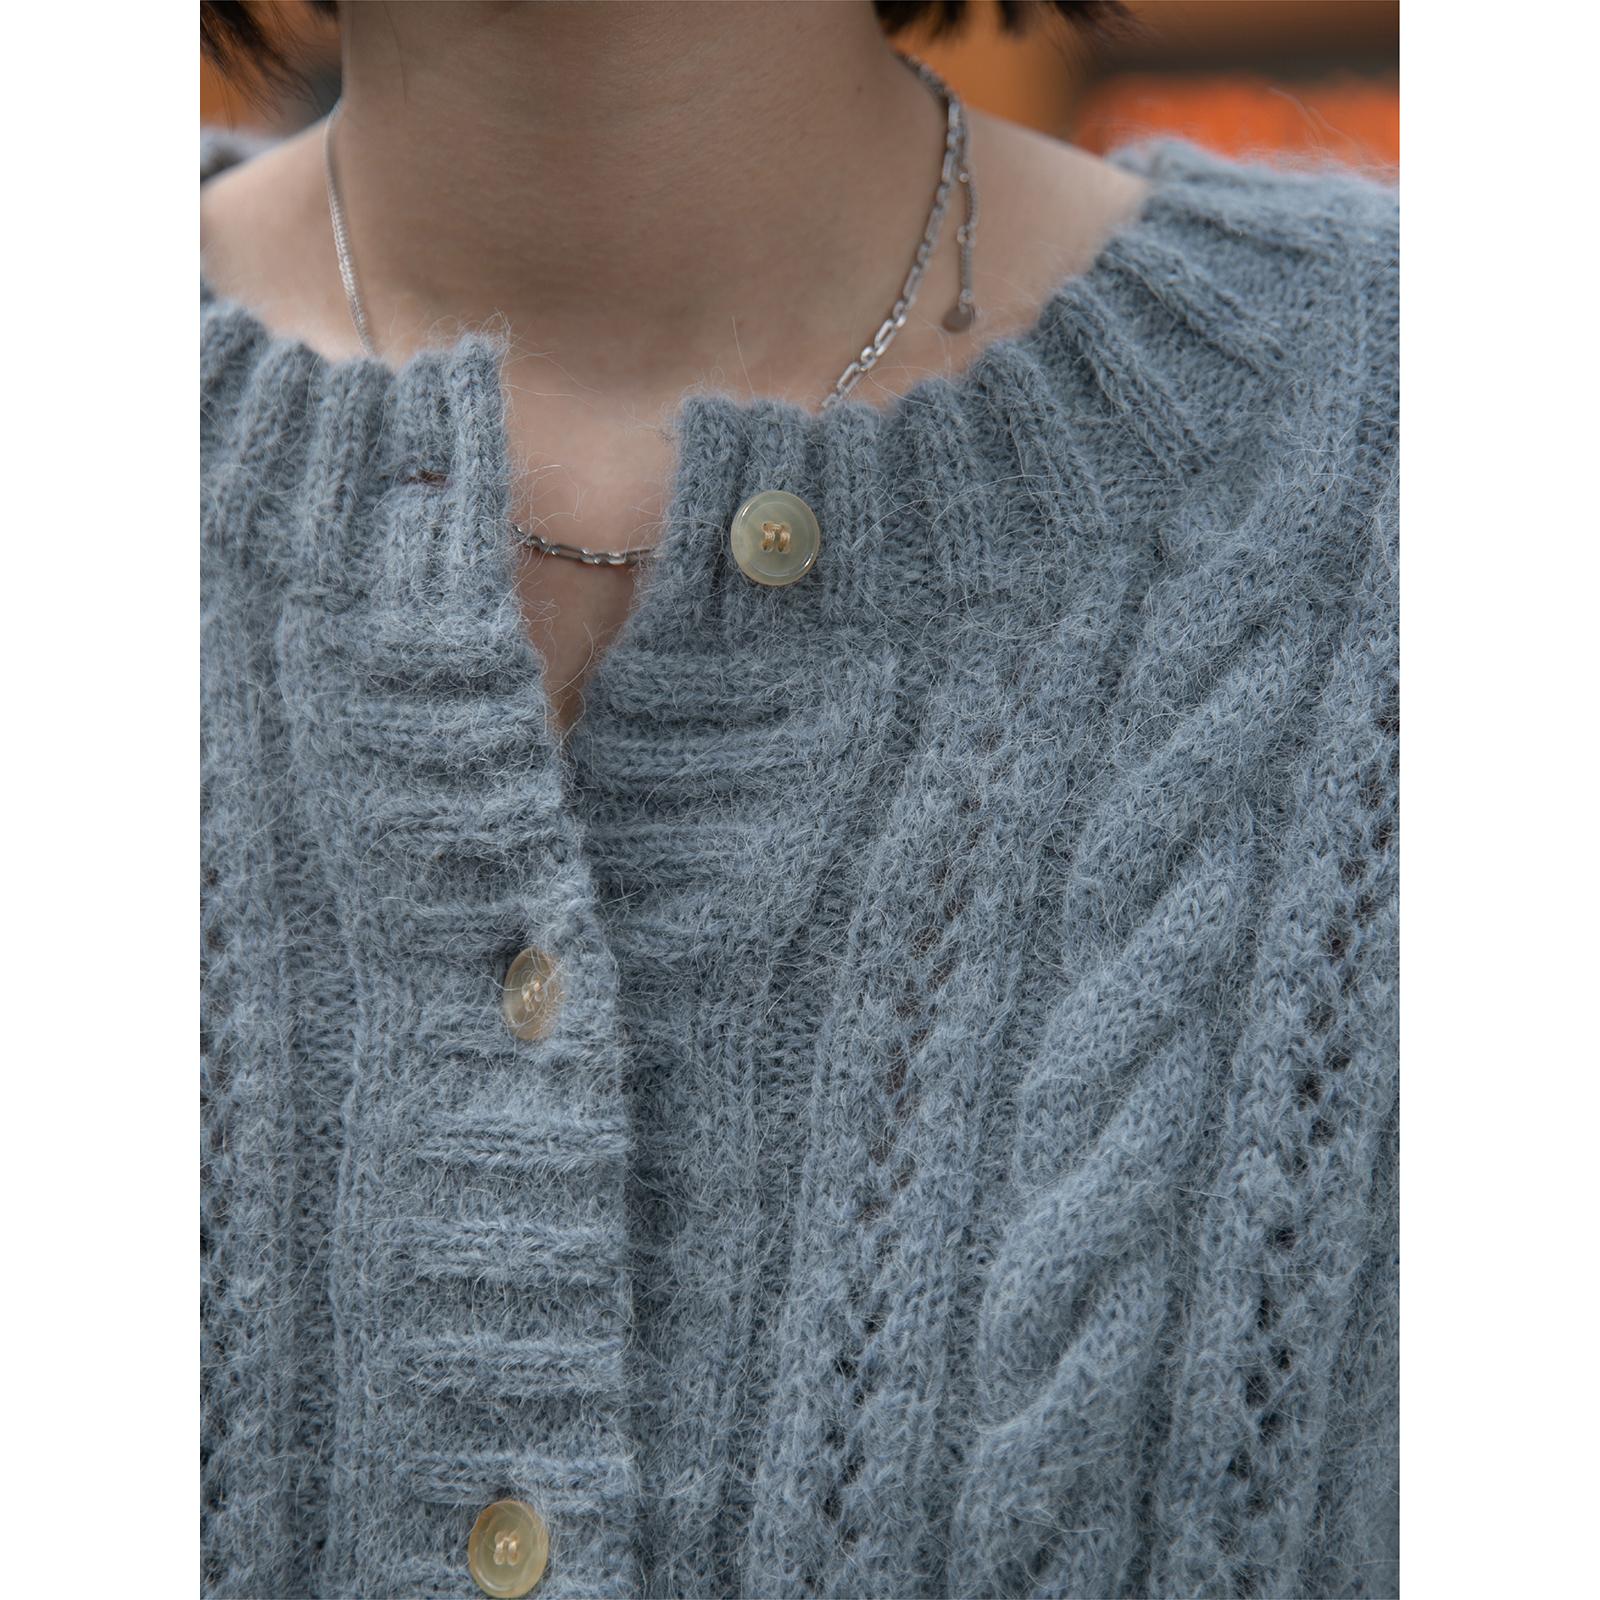 羊驼羊毛复古麻花镂空钩花短款针织开衫毛衣 RandomPiece